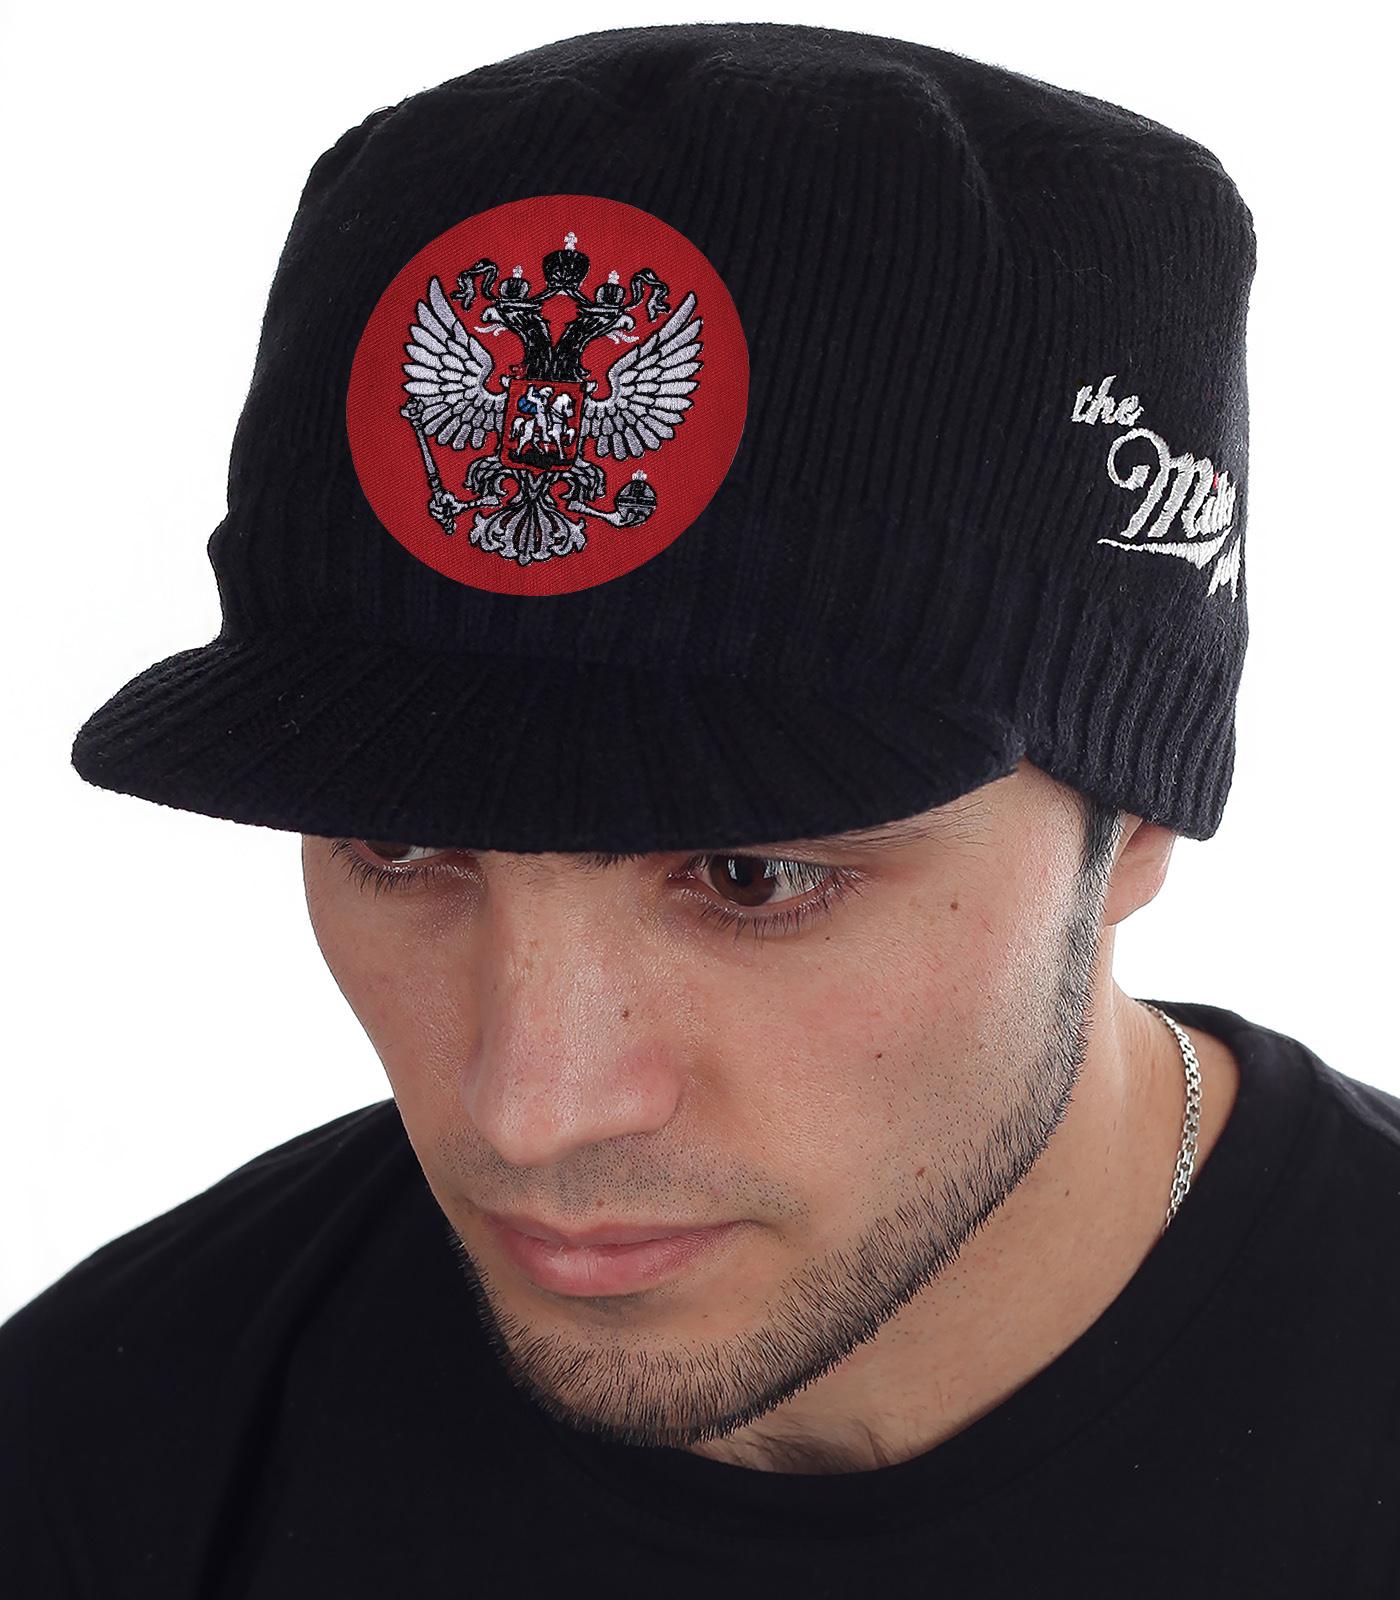 Теплая, мягкая и уютная шапка-кепка Miller Way на холодную погоду и мороз. Патриотическая линейка мужских головных уборов с гербом России от интернет магазина Военпро